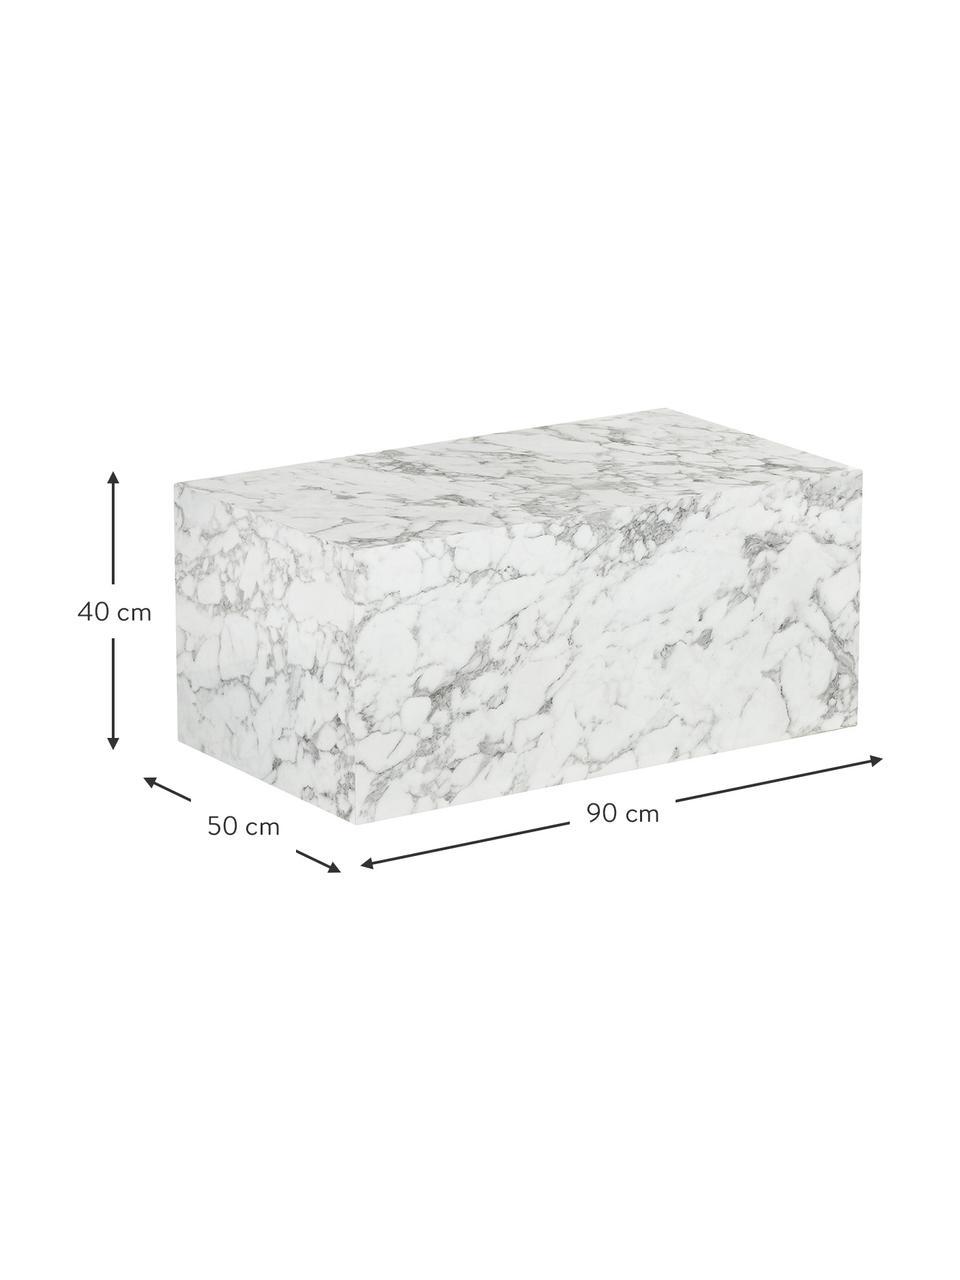 Stolik kawowy z imitacją marmuru Lesley, Płyta pilśniowa średniej gęstości (MDF) pokryta folią melaminową, Biały, imitacja marmuru, S 90 x W 40 cm